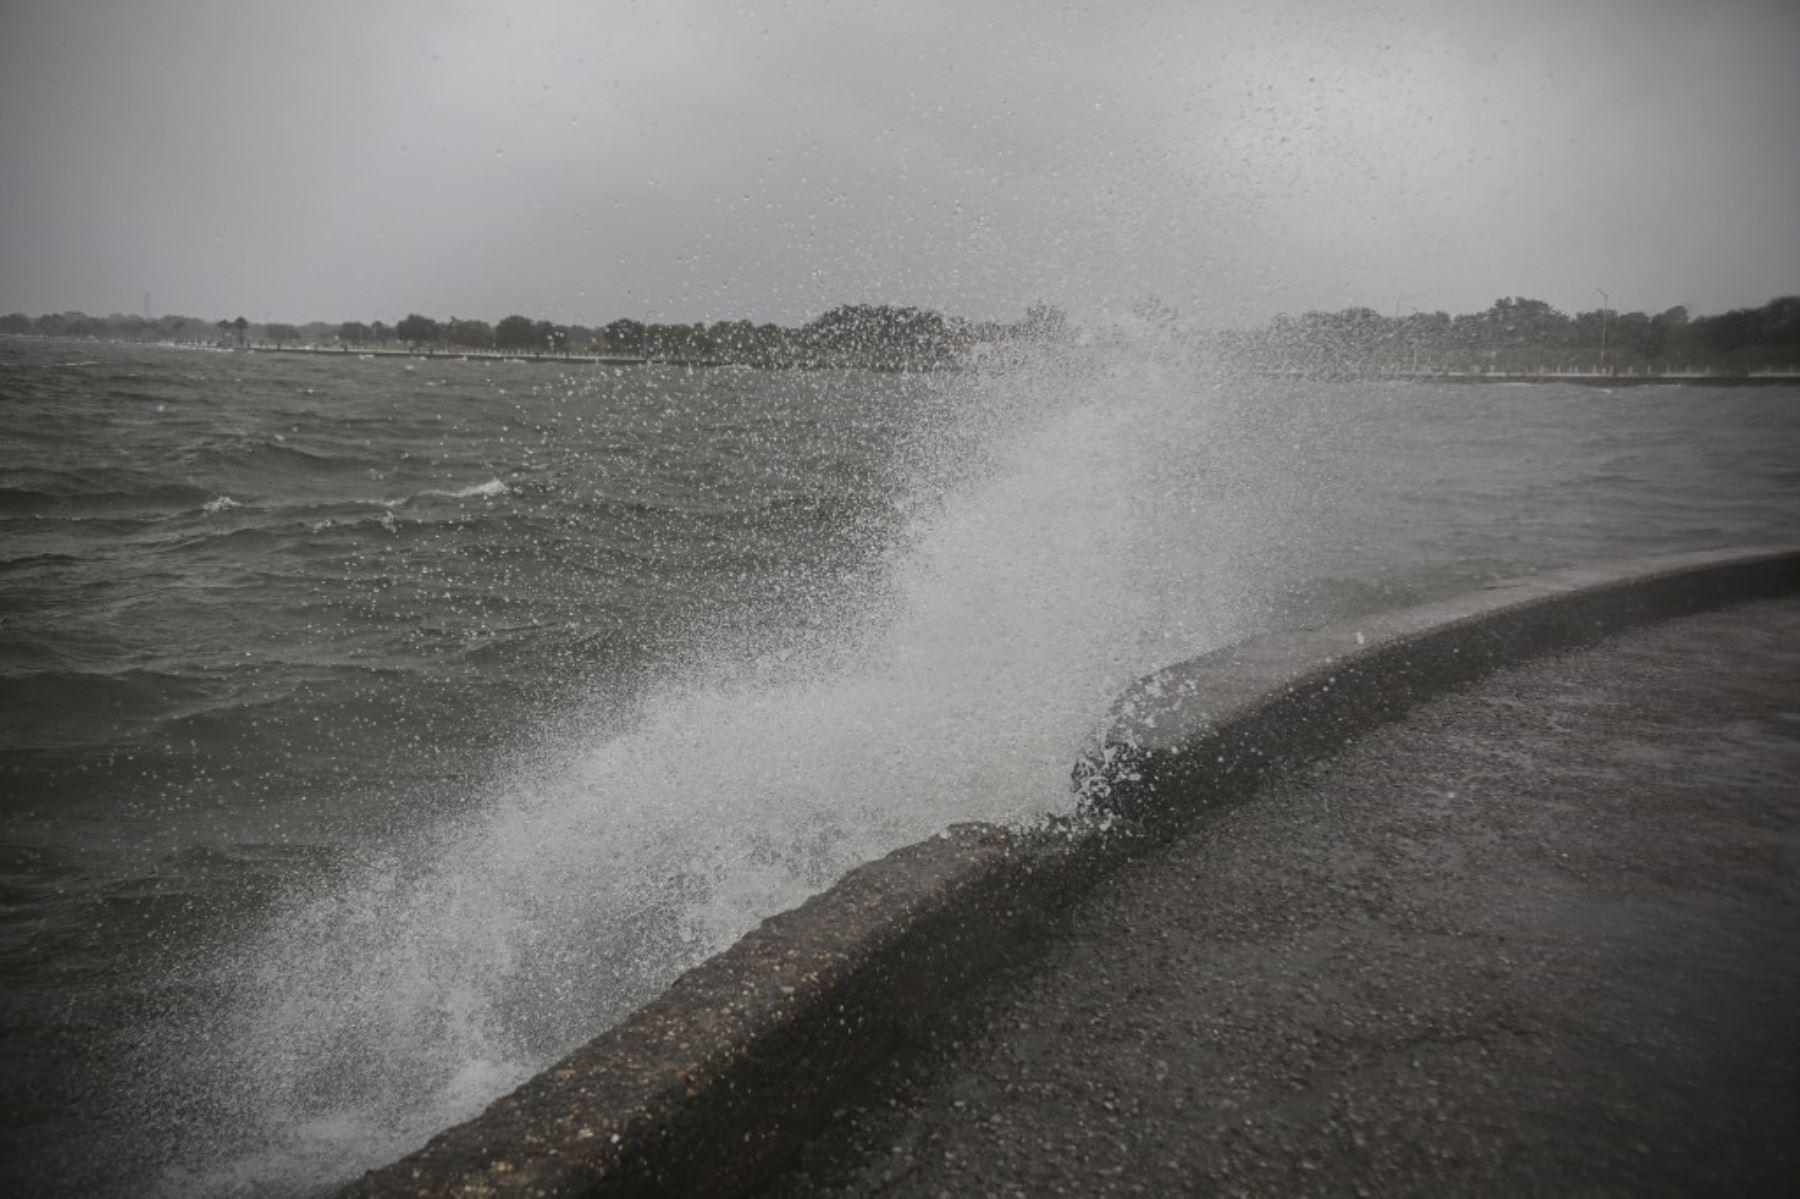 La marejada ciclónica golpea las orillas del lago Pontchartrain cuando el huracán Zeta toca tierra, en Nueva Orleans, Luisiana. Foto:AFP